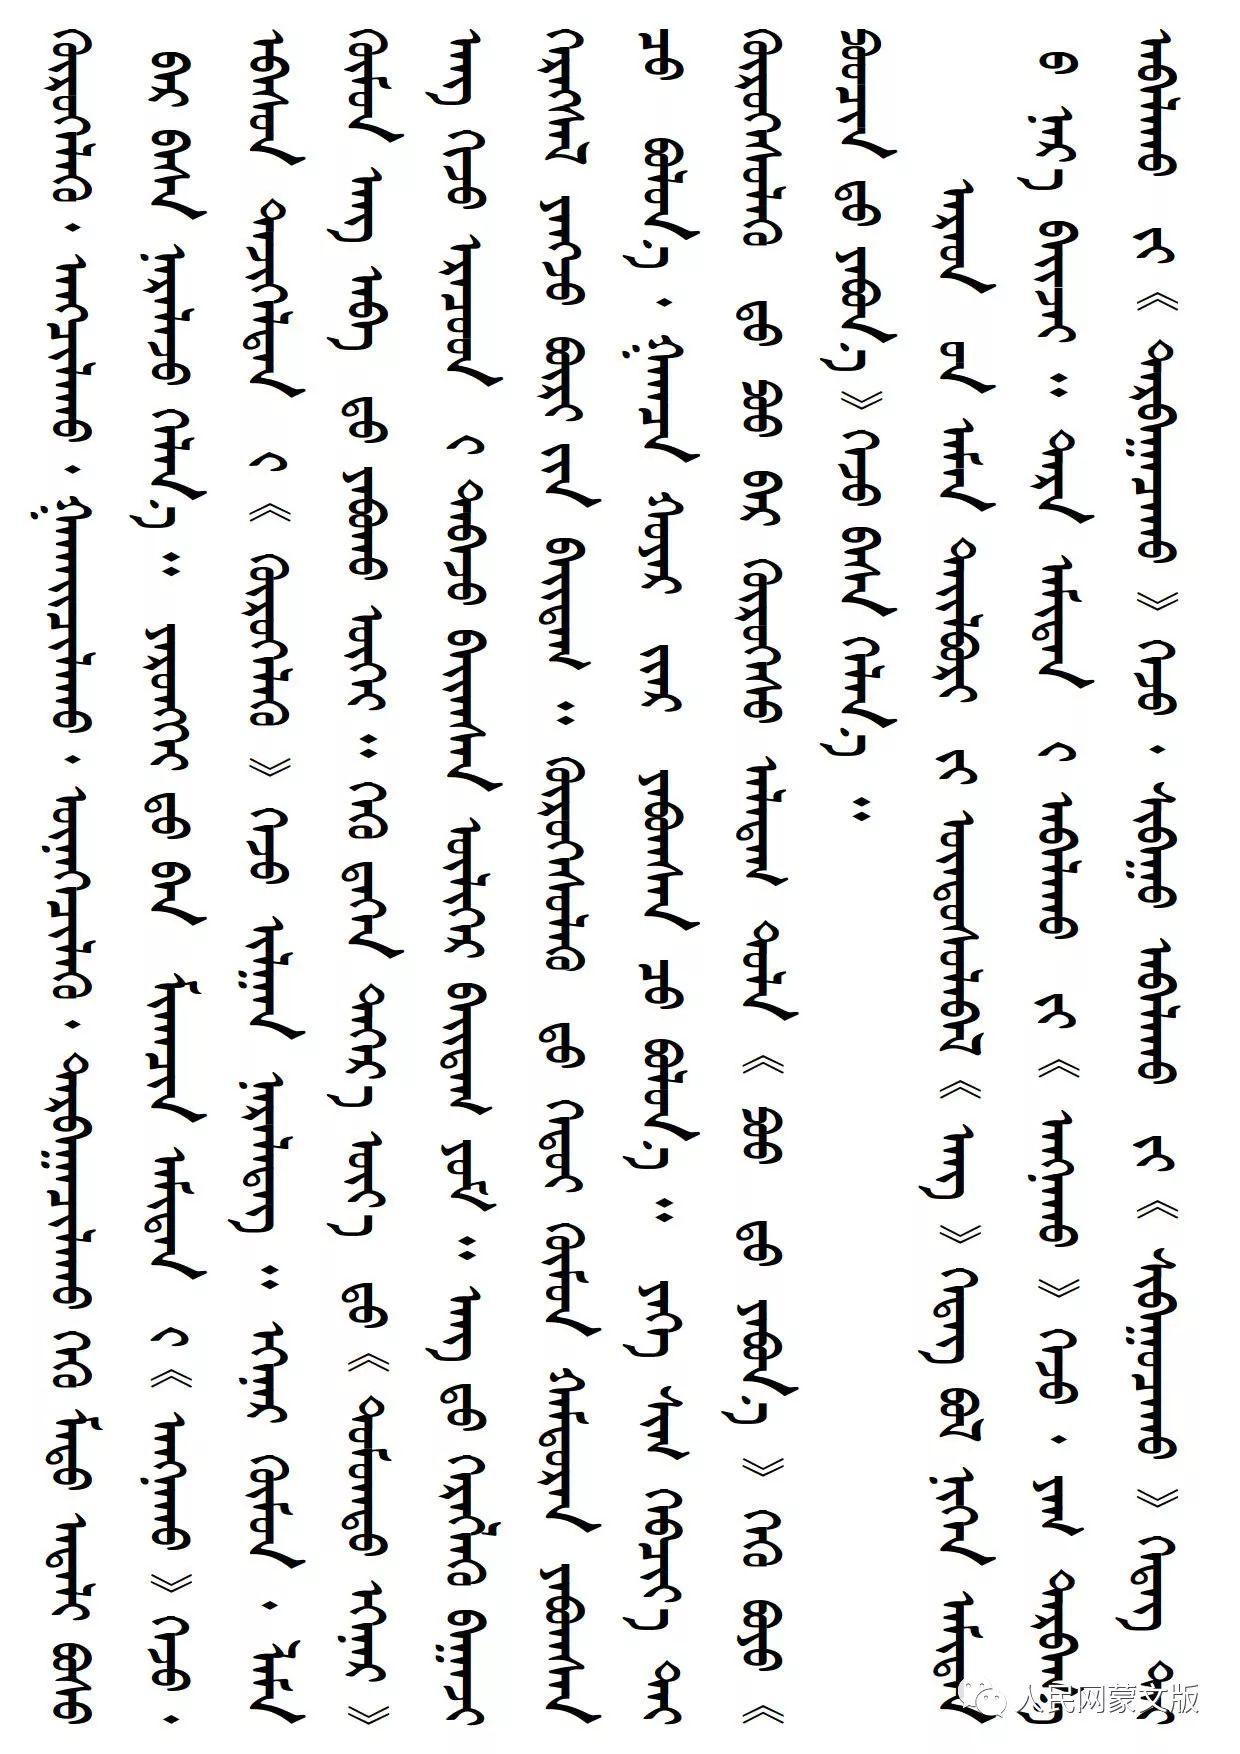 蒙古民俗探源 有关蒙古族狩猎的专有名词 第2张 蒙古民俗探源 有关蒙古族狩猎的专有名词 蒙古文库